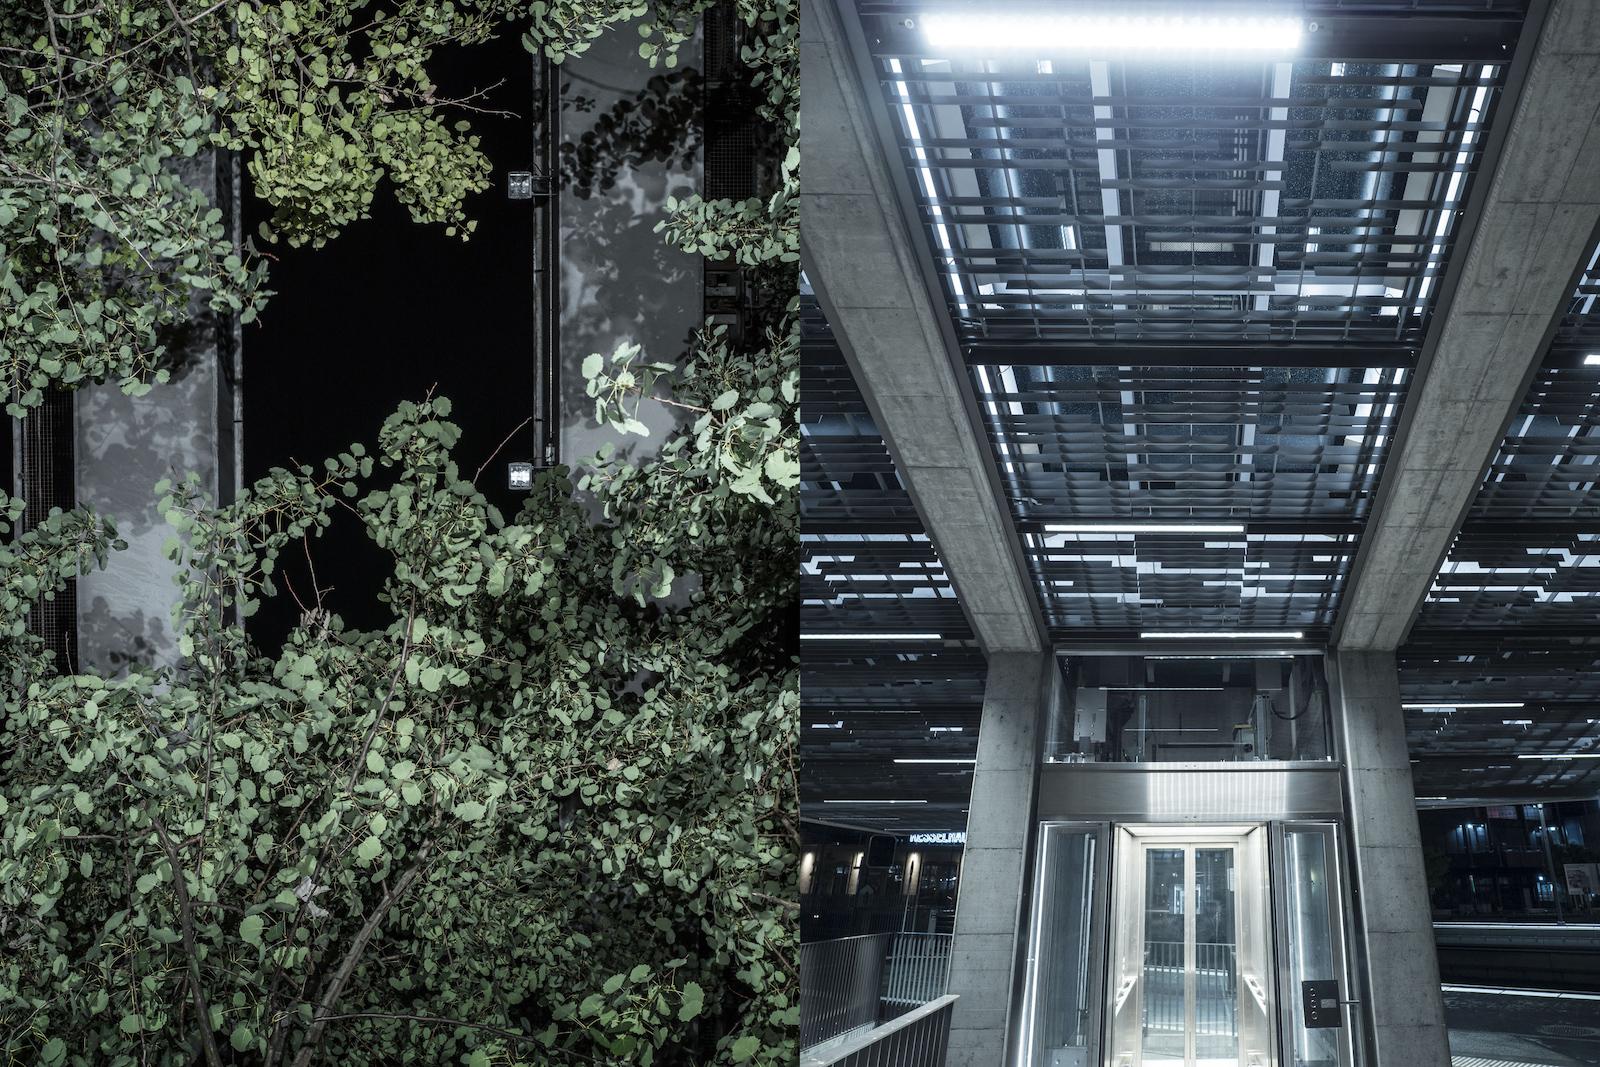 Mit der Lokstadt entsteht in Winterthur ein Quartier, das dicht und gleichzeitig grosszügig, bunt, grün und nachhaltig ist (links). Beim Bahnhof wurden der Bahnhofplatz, das Sulzer- und das Archareal sowie die Rudolfstrasse miteinander verbunden (rechts). So sind attraktive Aufenthaltsräume und kurze Wege für Fussgänger und Velofahrer entstanden. (Robert Huber)